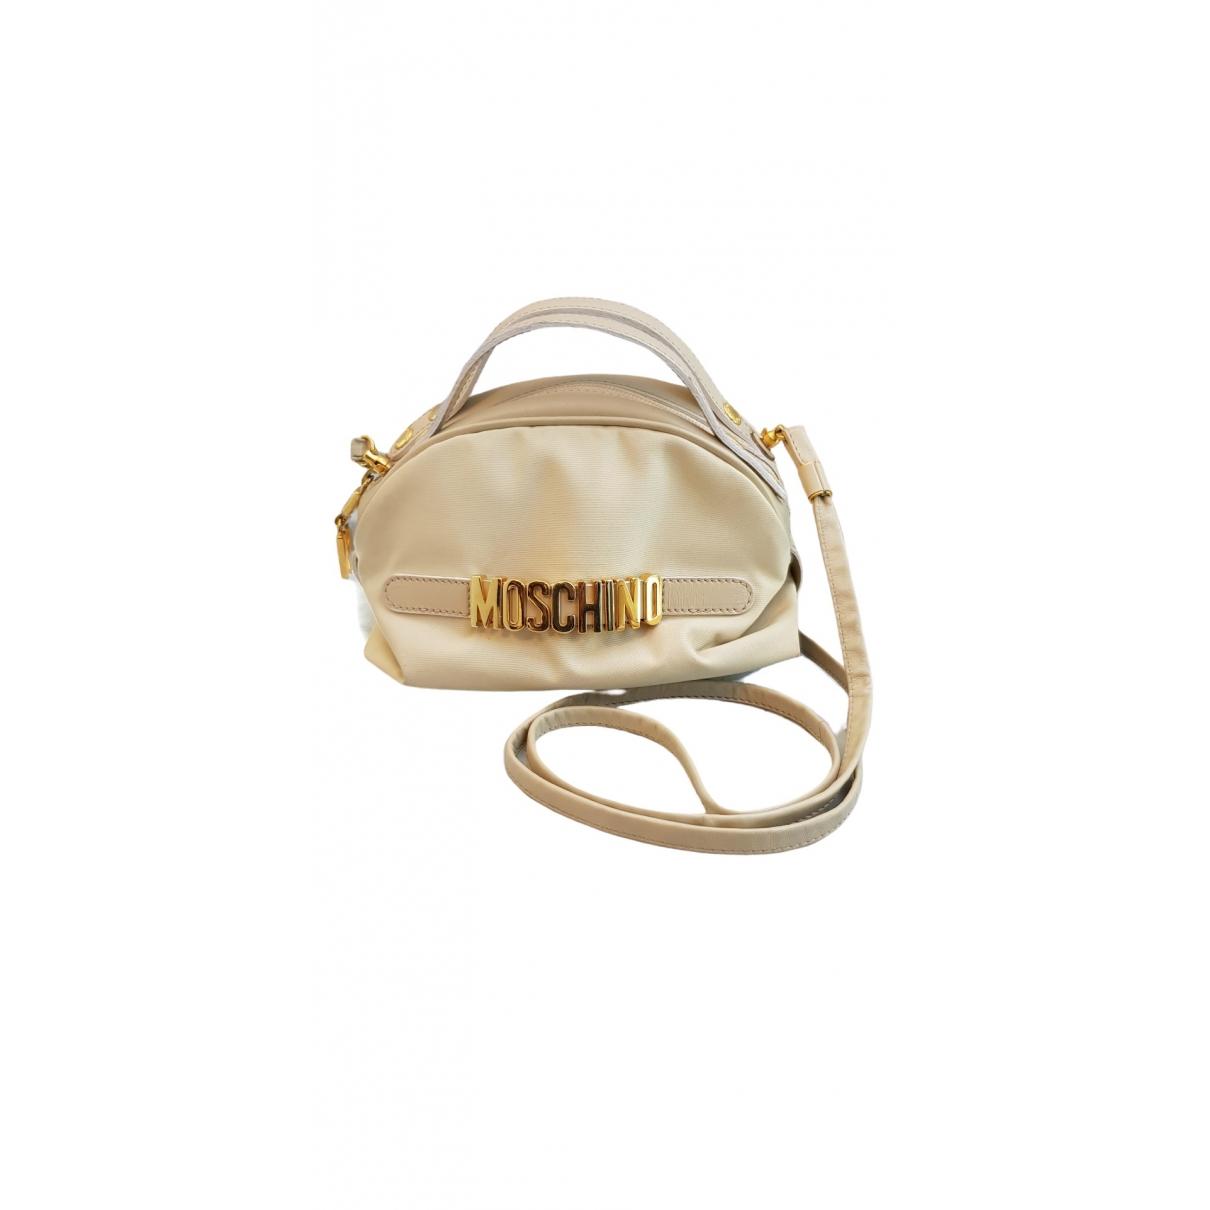 Moschino \N Ecru handbag for Women \N